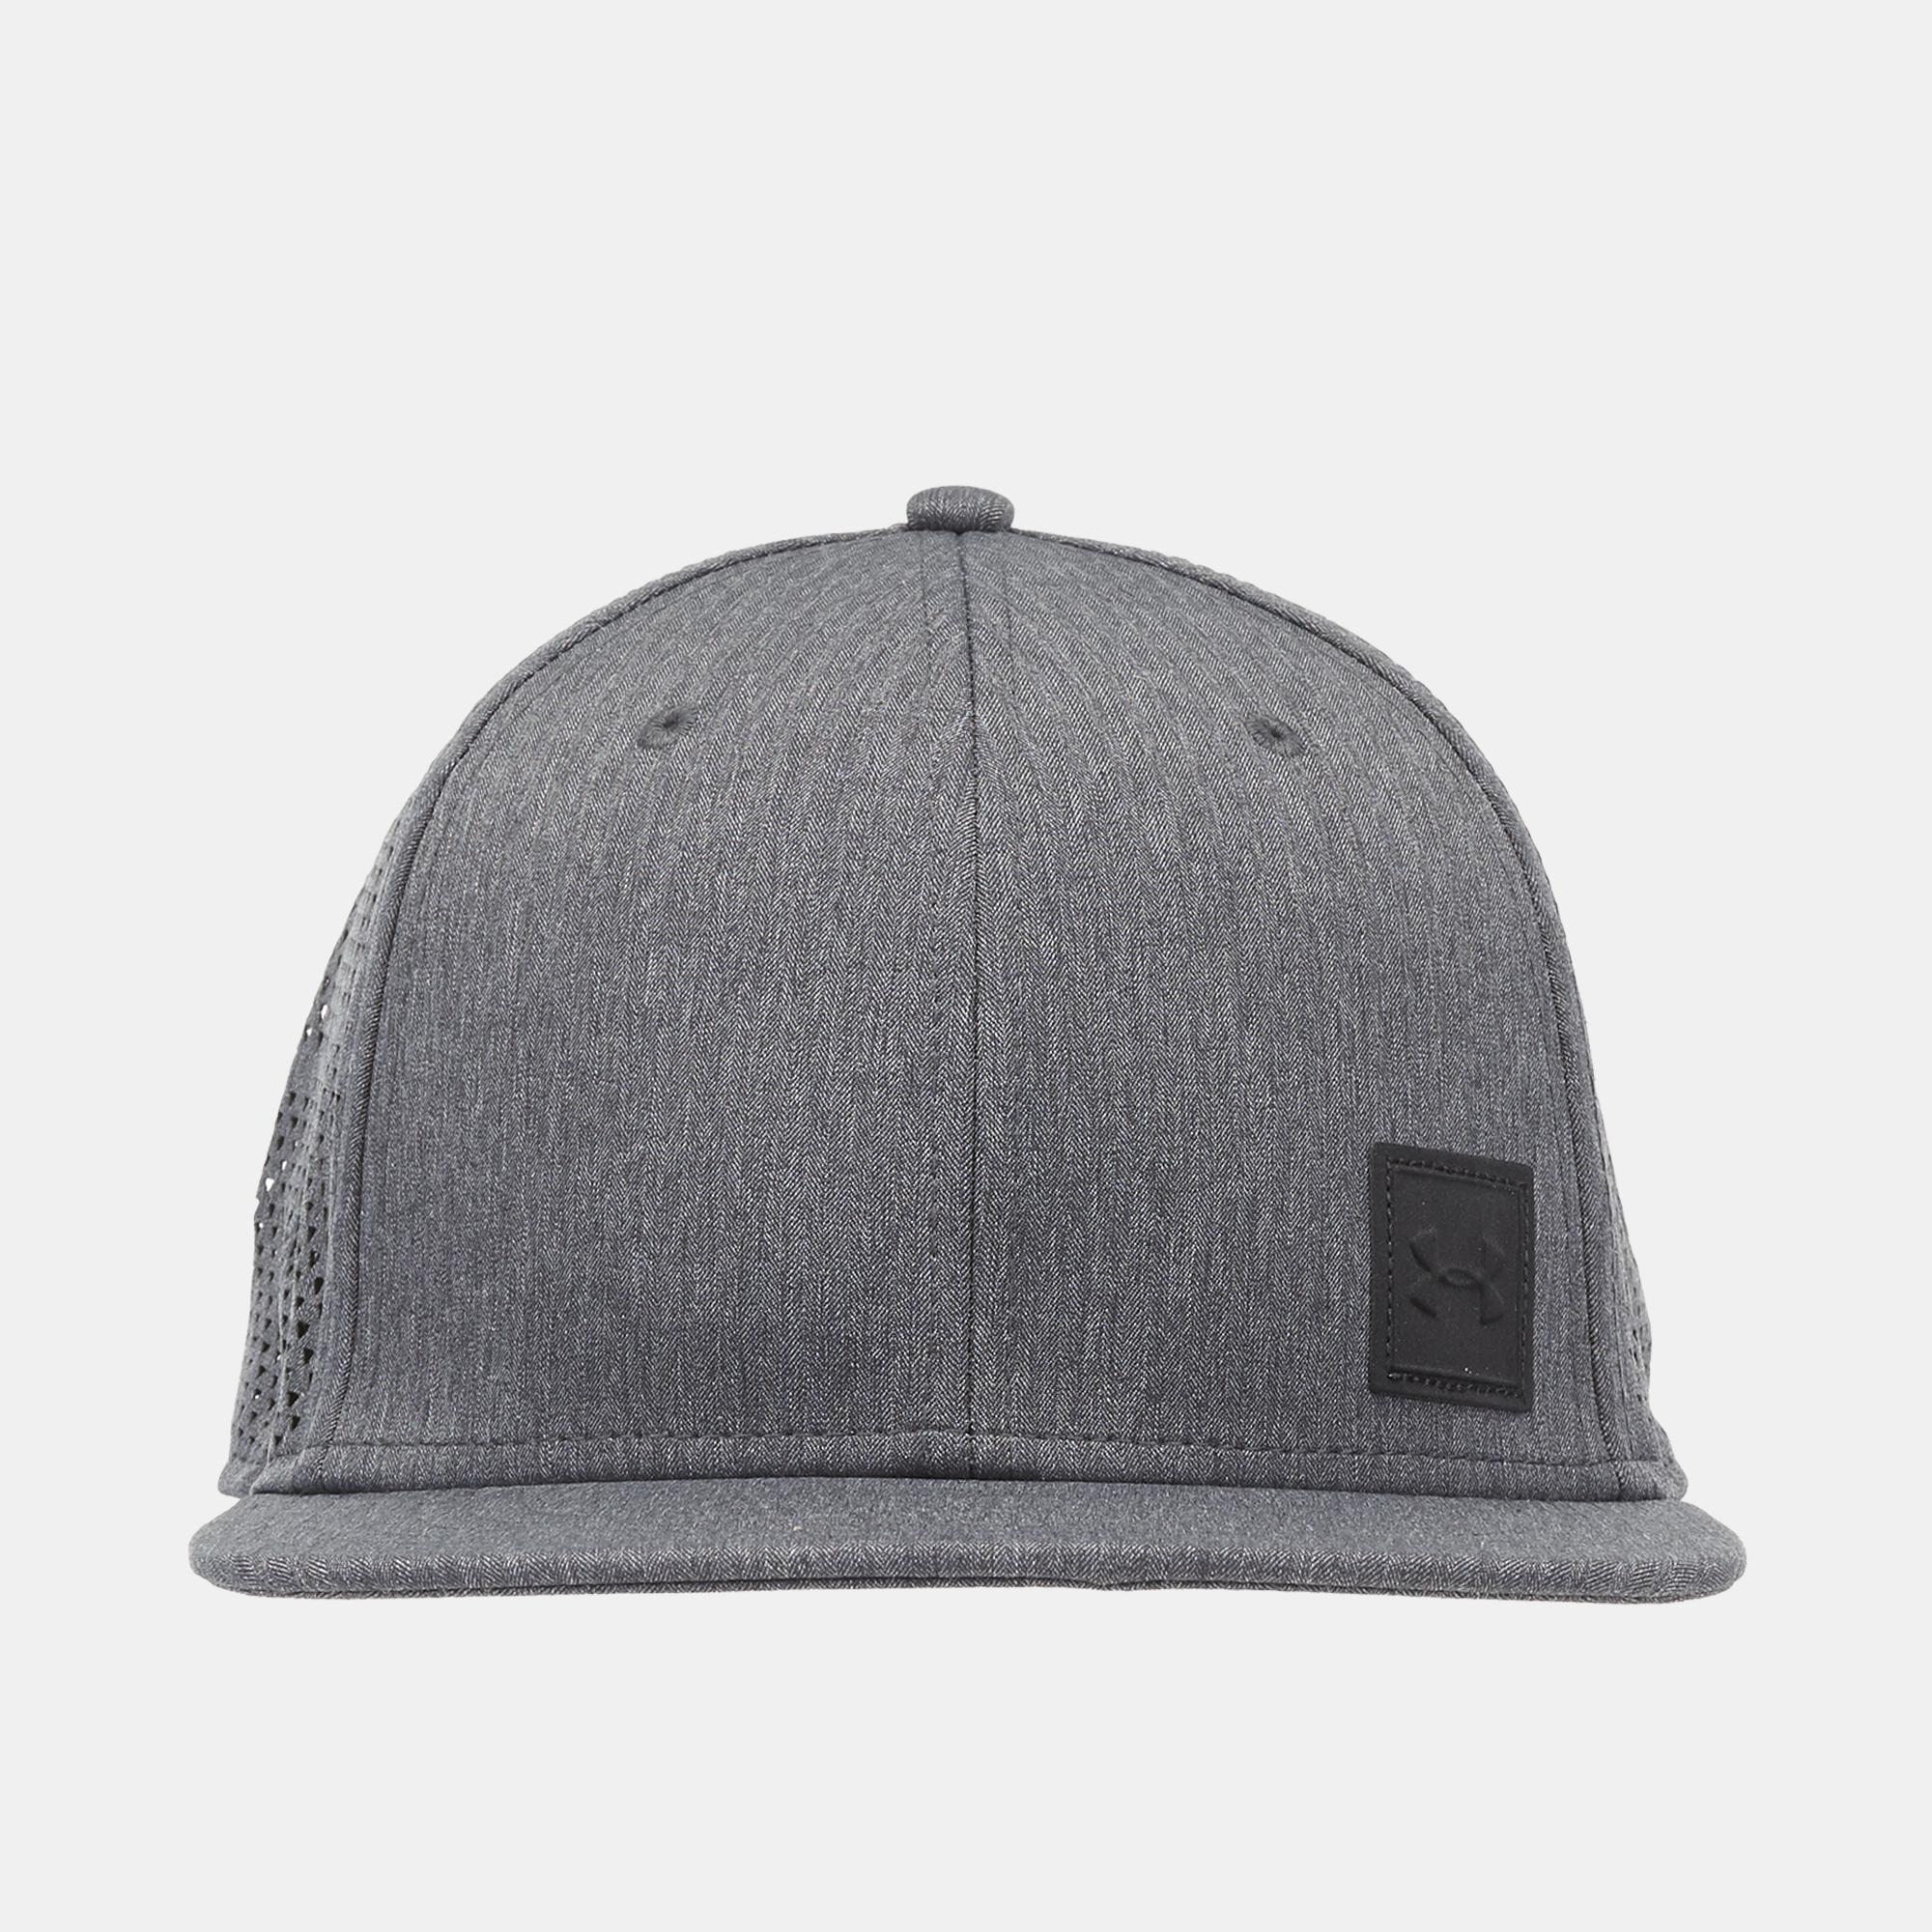 027205c96 Under Armour Supervent FB 2.0 Hat